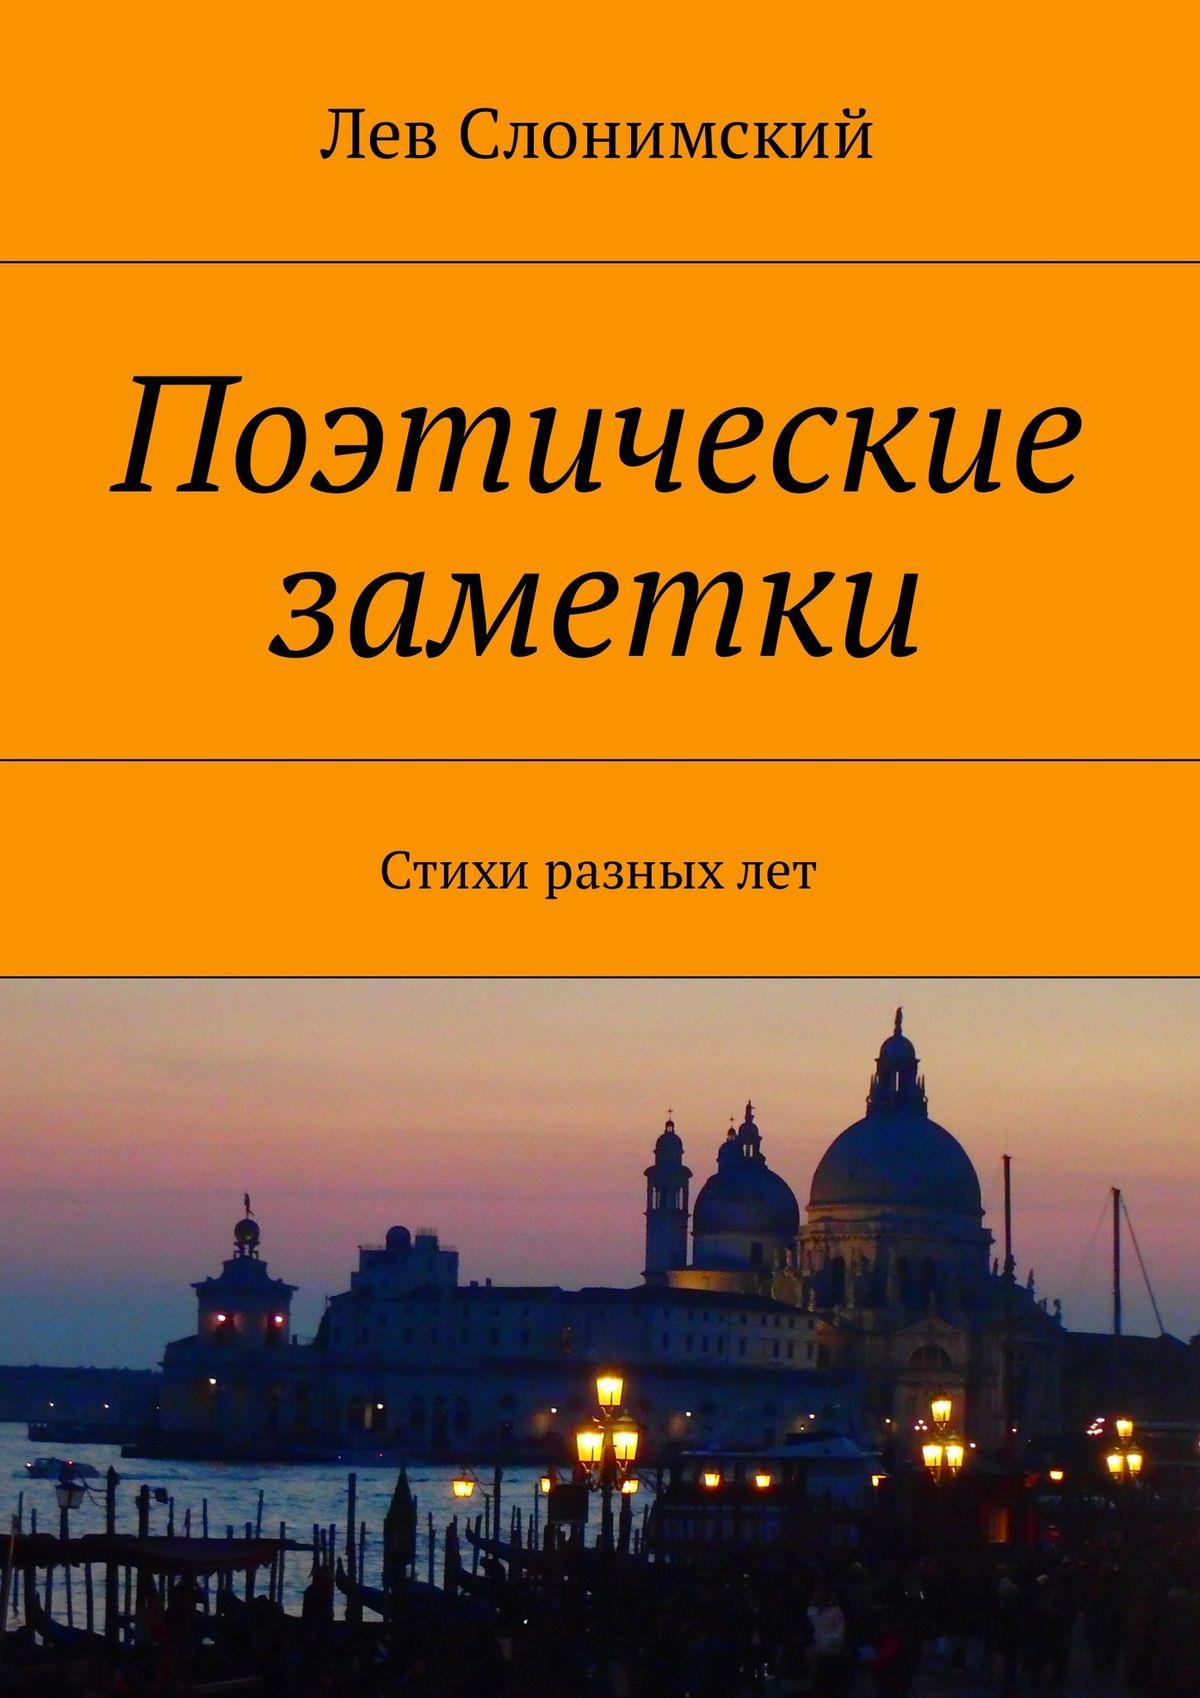 Лев Слонимский Поэтические заметки. Стихи разныхлет прокофьев а присяга стихи разных лет